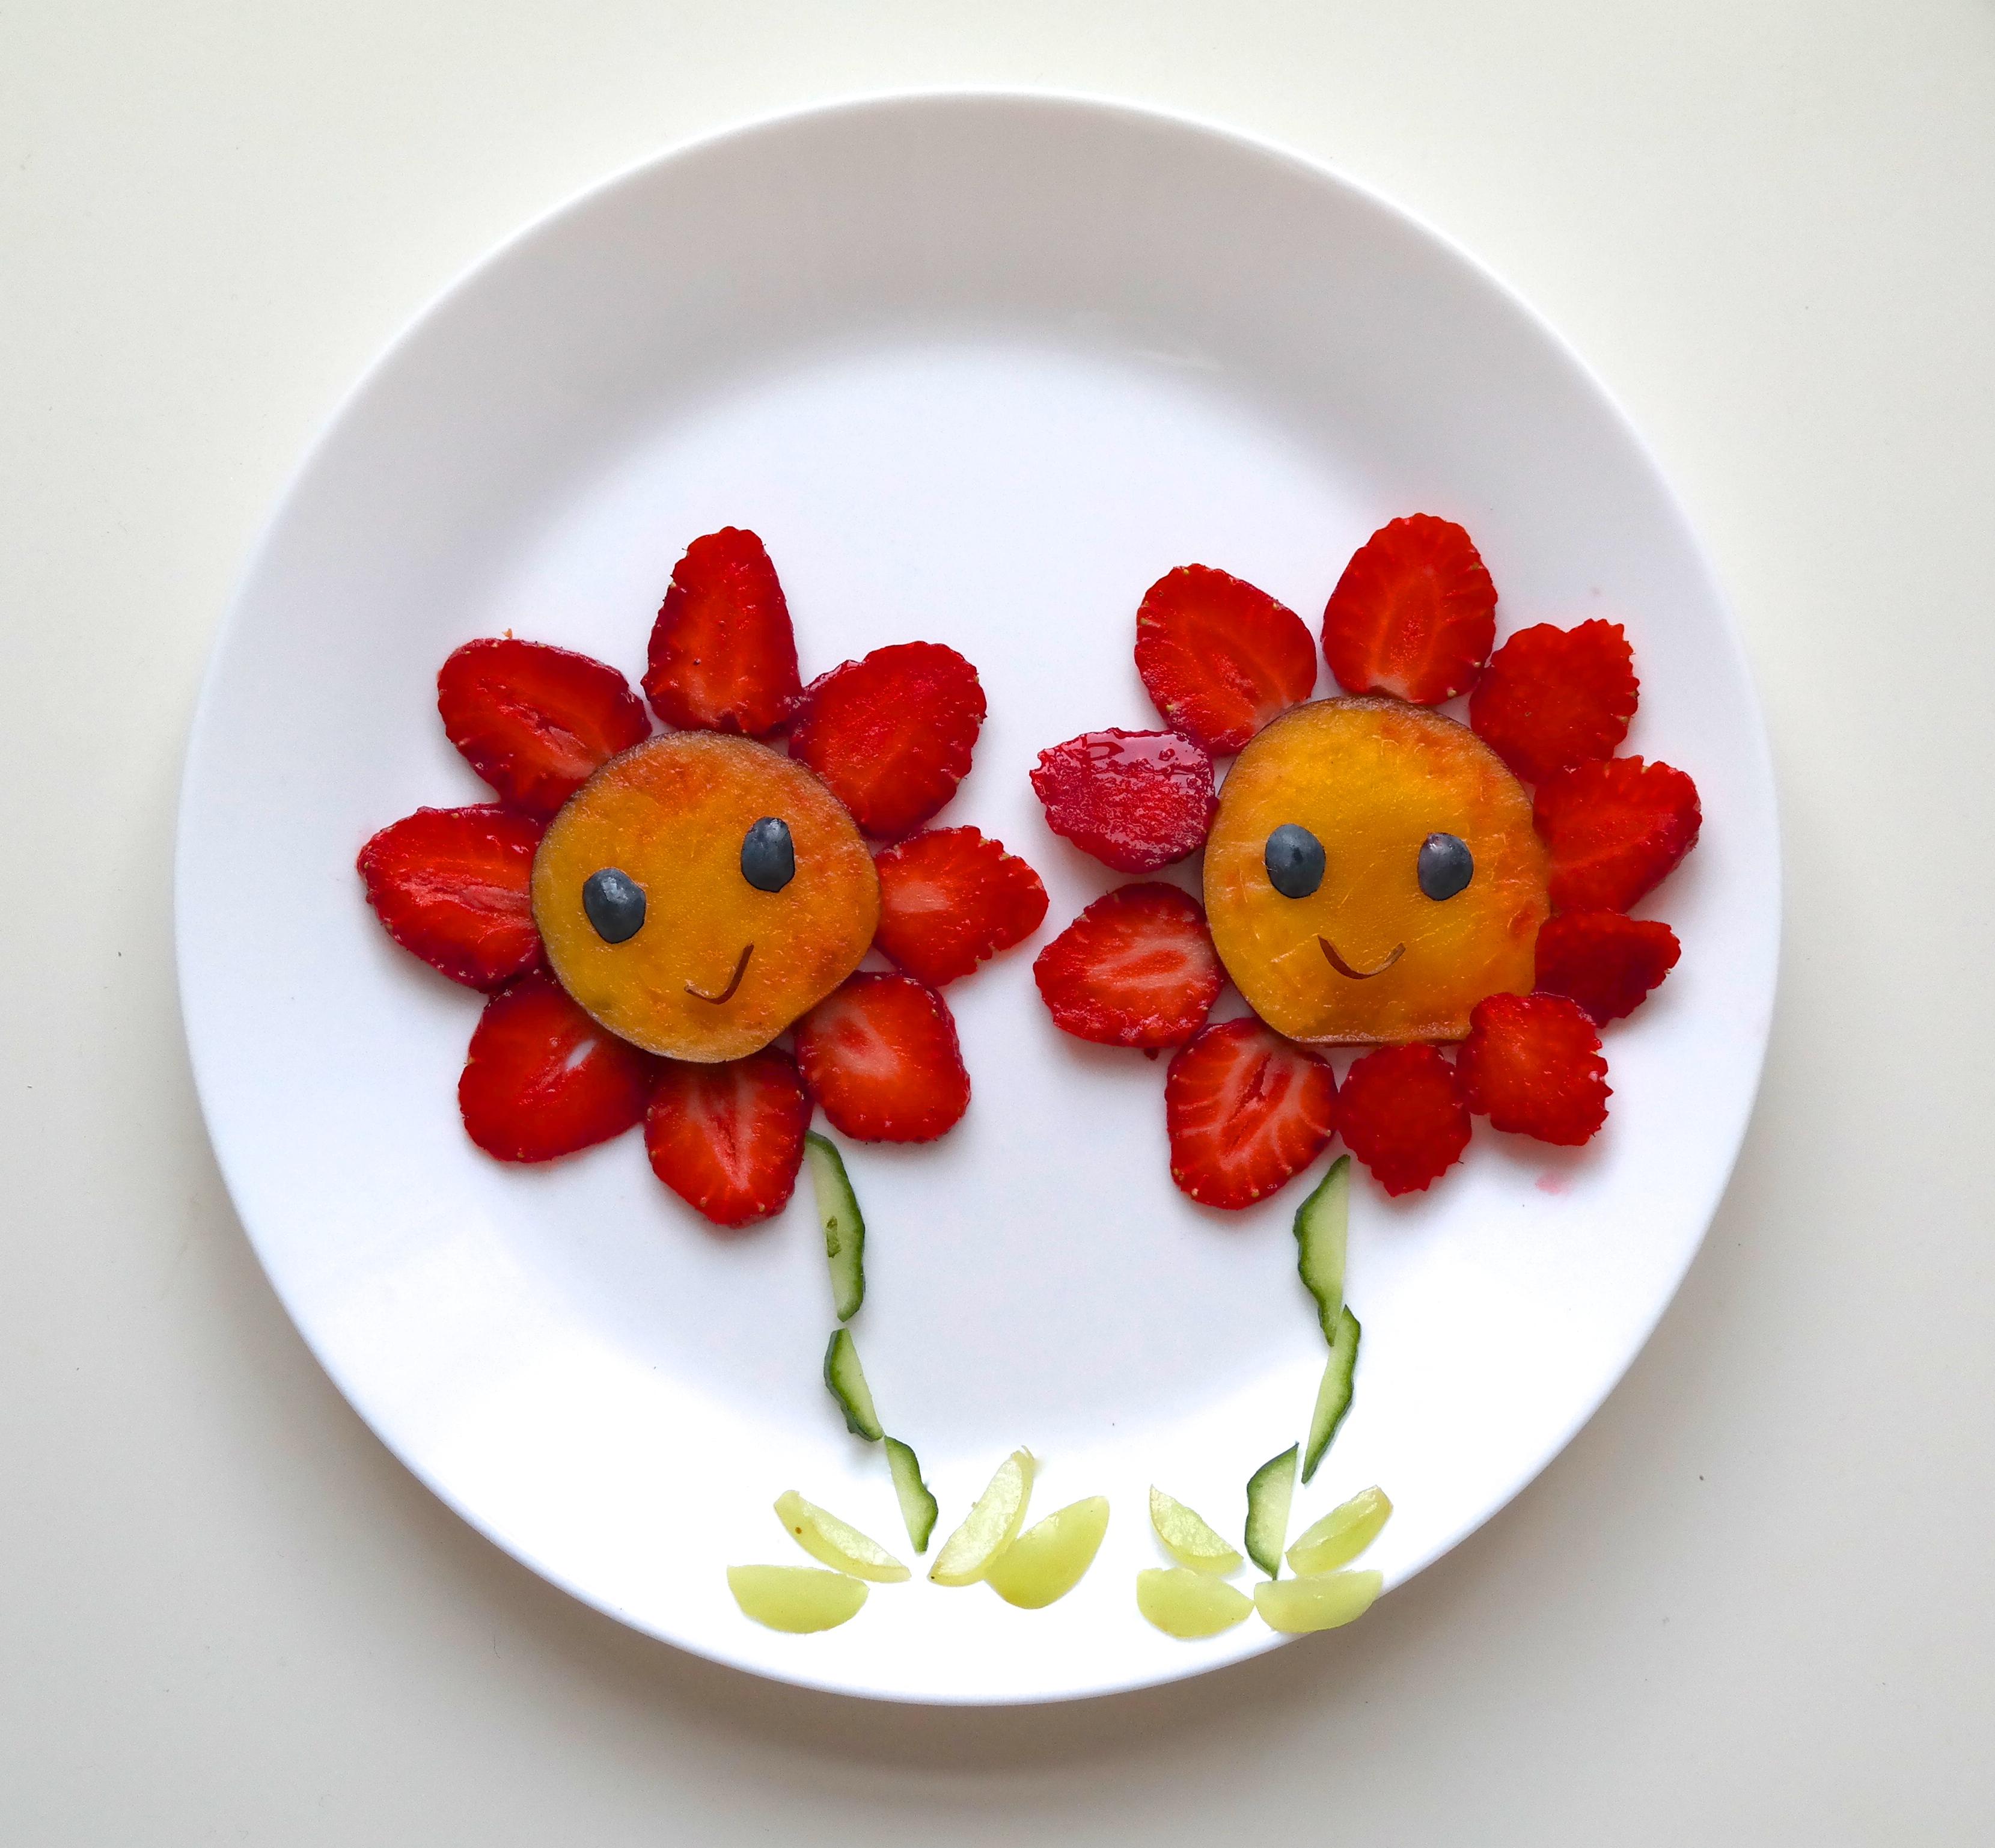 Jordbær-blomster med nektarin